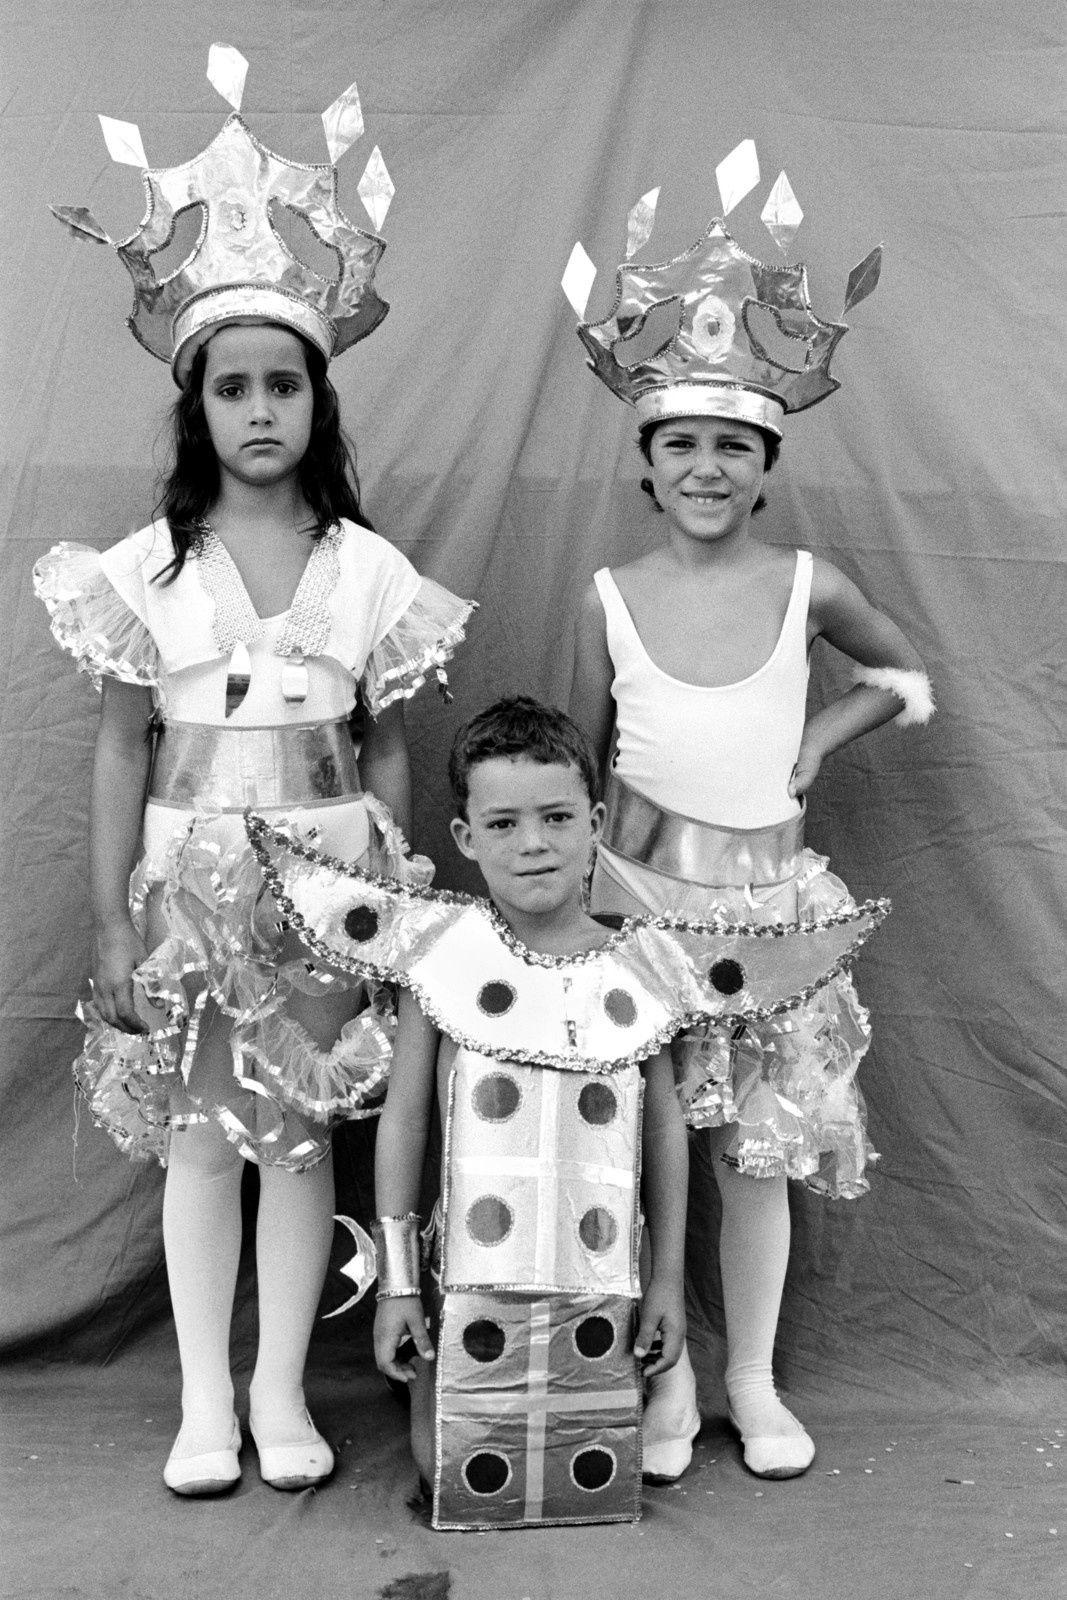 """Série """"Bloc de Carnaval""""  de Joaquim PAÎVA - Courtesy MEP"""